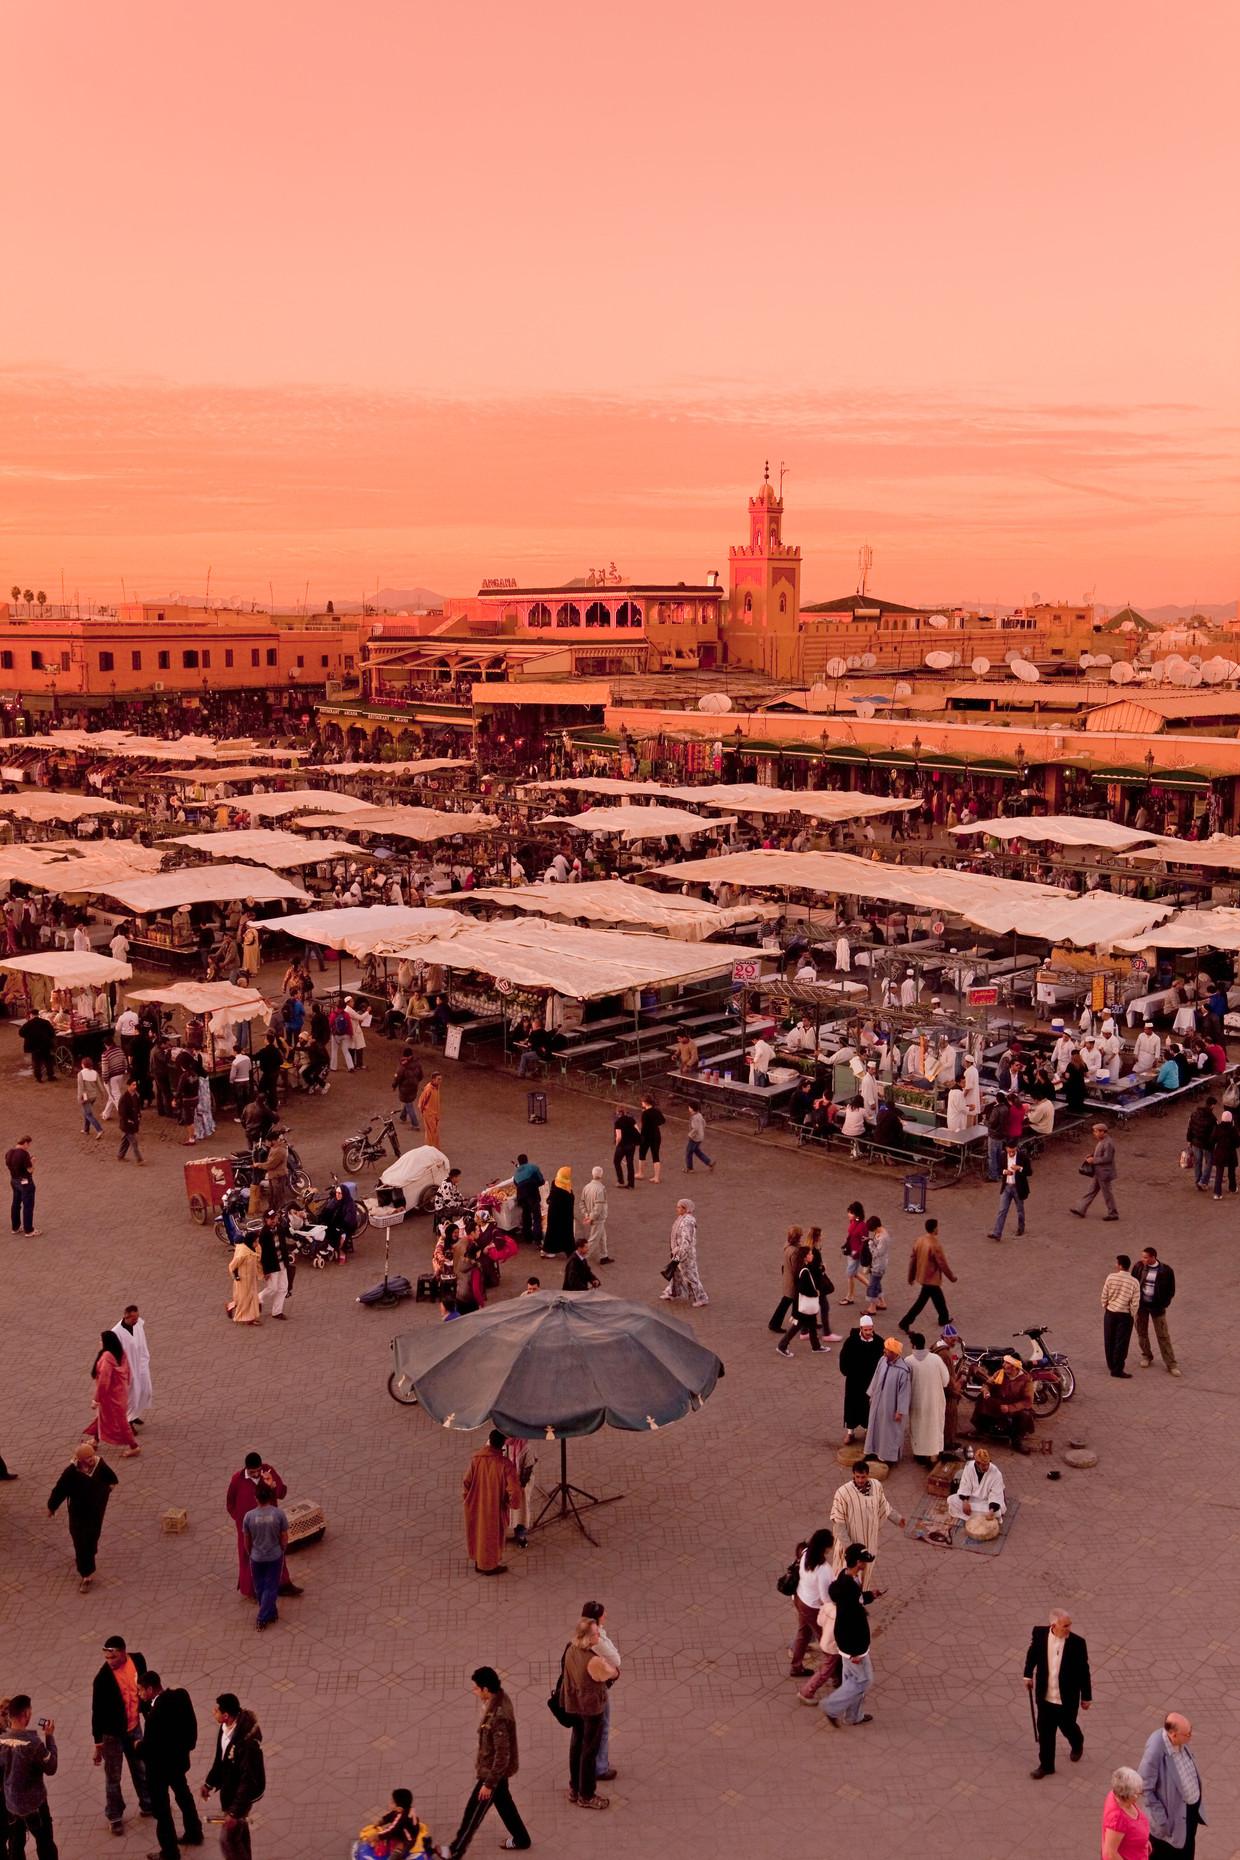 Het bekende plein Djemaa el Fna in Marrakech.  Beeld Alamy Stock Photo